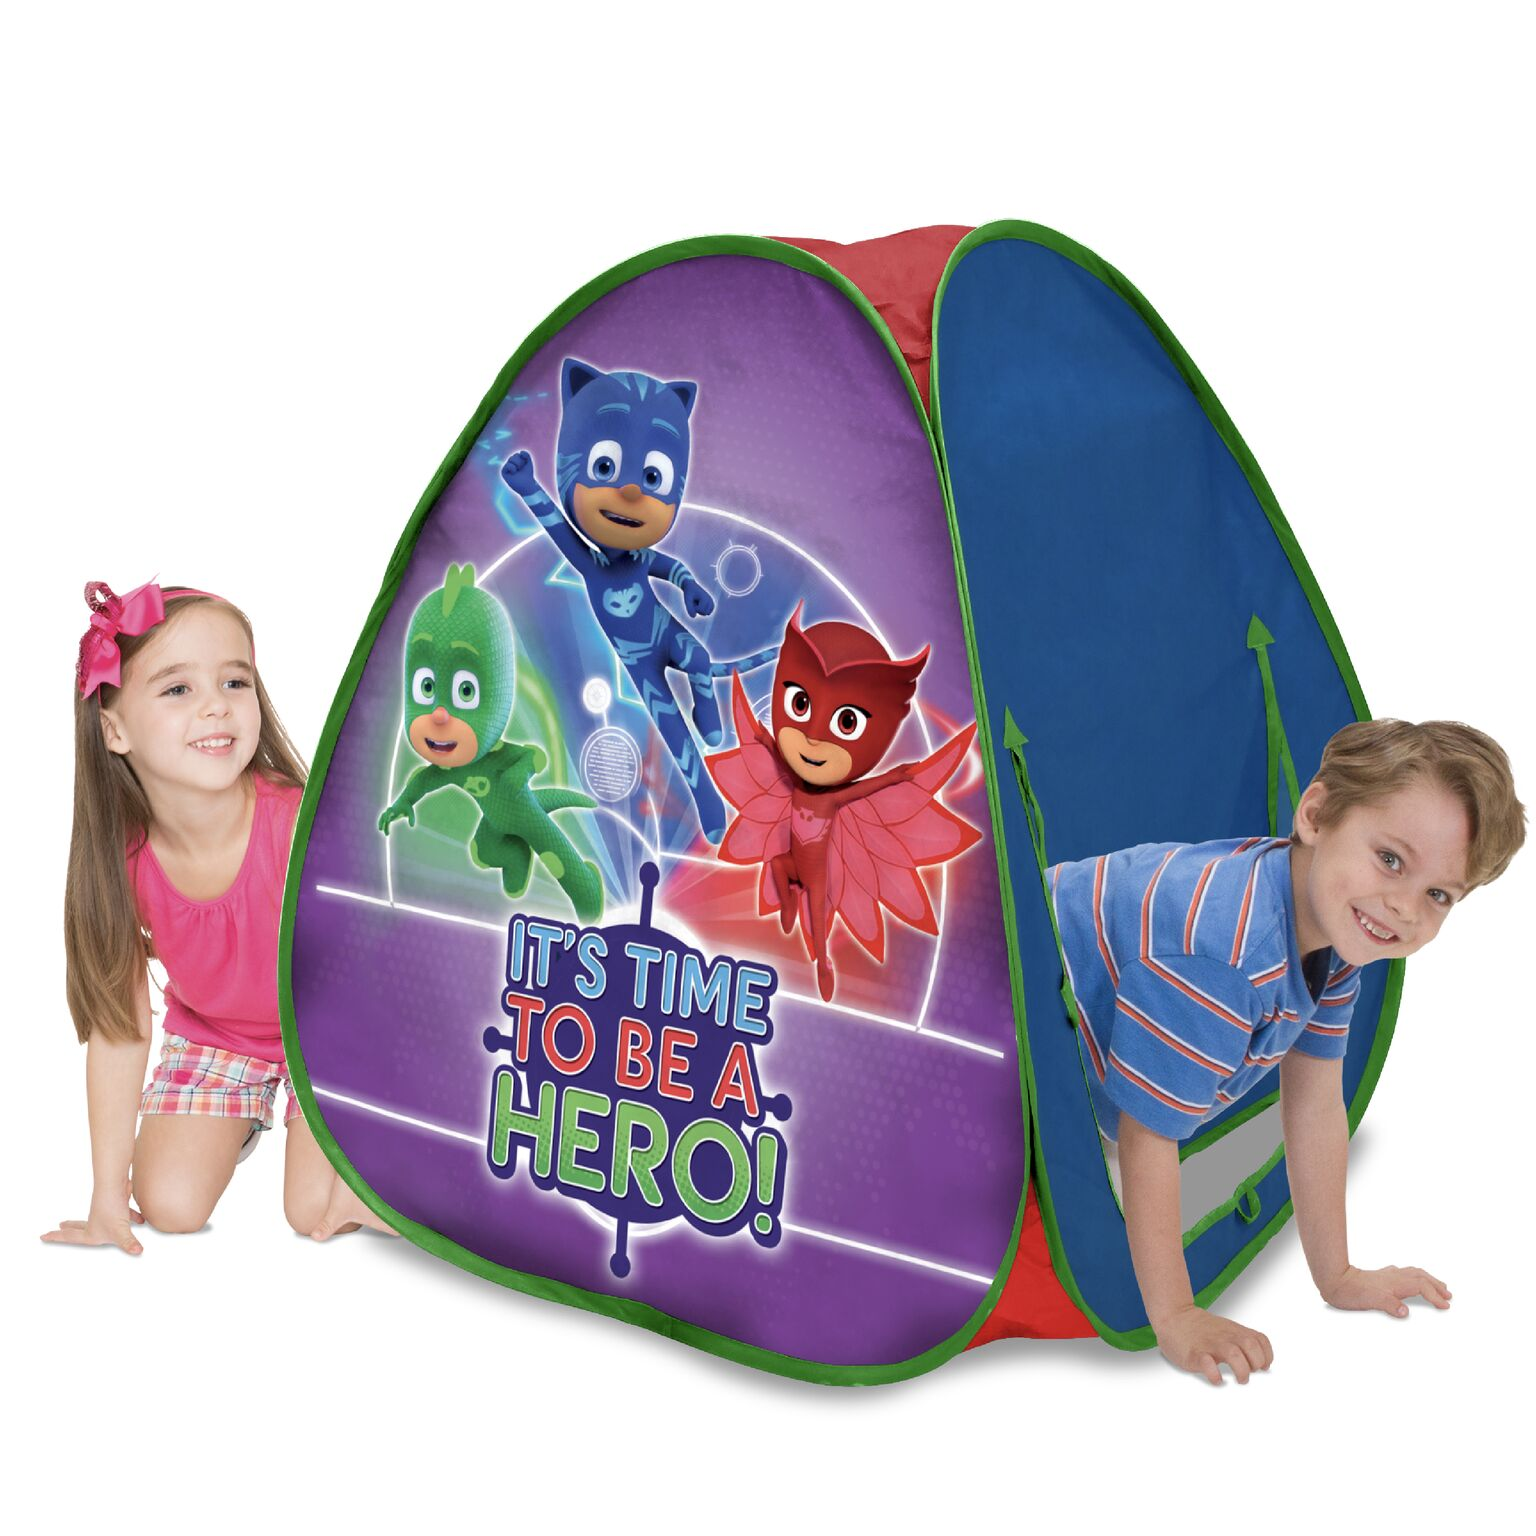 Playhut PJ Masks Classic Hideaway Play Tent